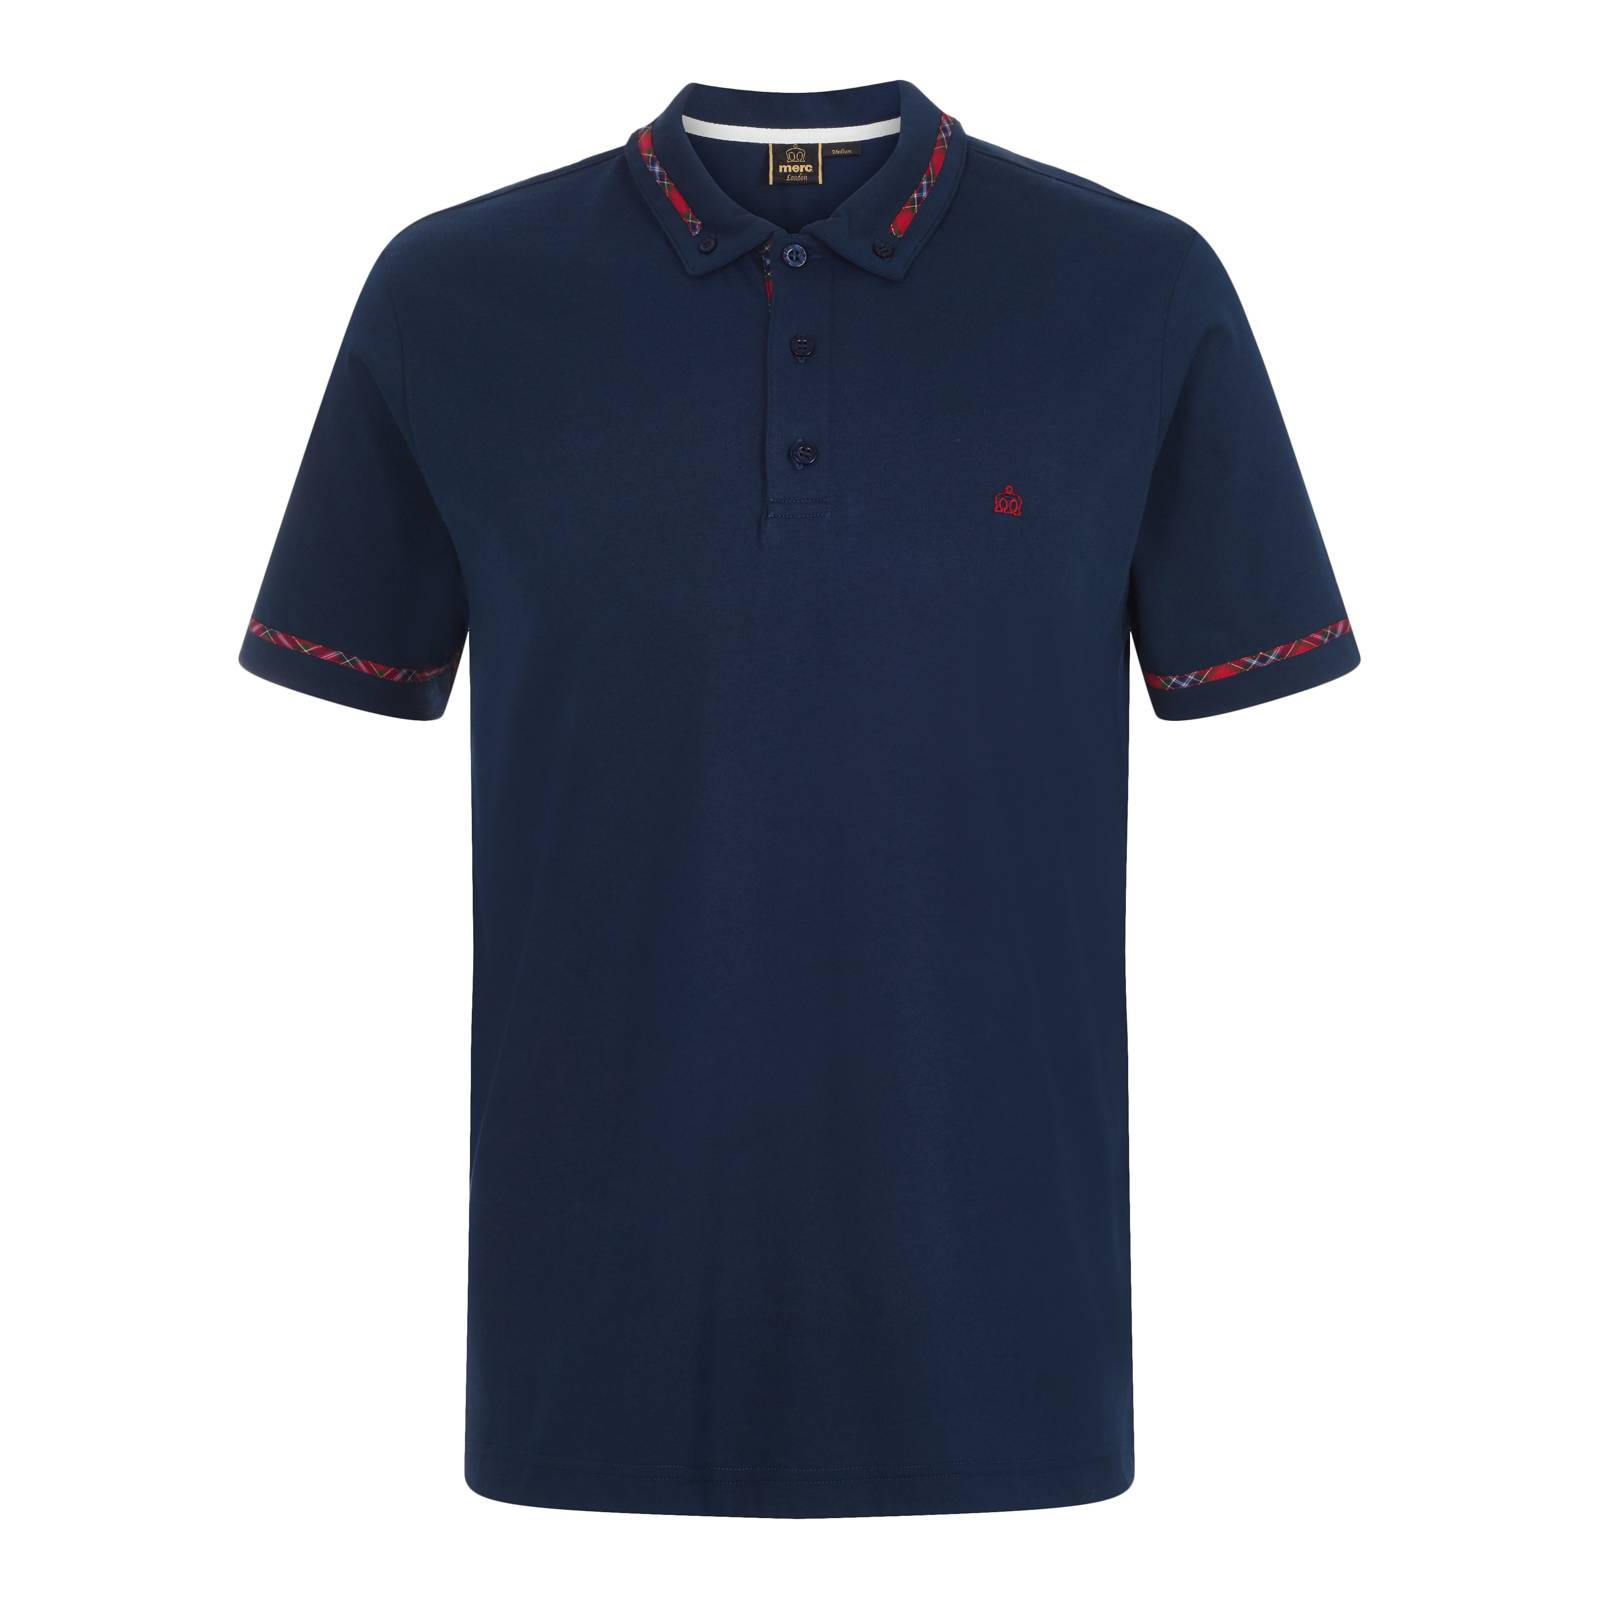 Рубашка Поло RidgeСлайдер на главной<br>Регулярного покроя классическое мужское поло из легкой хлопковой ткани Джерси высокого качества – комфортного и долговечного материала на любой сезон. Простой, но по-особому выразительный дизайн в виде узнаваемой тартановой отделки воротника, манжет и внутренней стороны планки для пуговиц выглядит классическим и модерновым одновременно. Фирменный для марки button-down воротник, позаимствованный у сорочек, подчеркивает индивидуальность этой модели и её благородные английские корни. Идентичность изделия подтверждает традиционный логотип бренда на груди. Эта истинно британская модель универсальна в сочетаемости: её можно носить с базовым V-образным кардиганом, макинтошем, строгими брюками, но в то же время с джинсами и кроссовками.<br><br>Артикул: 1917107<br>Материал: 100% хлопок<br>Цвет: синий<br>Пол: Мужской